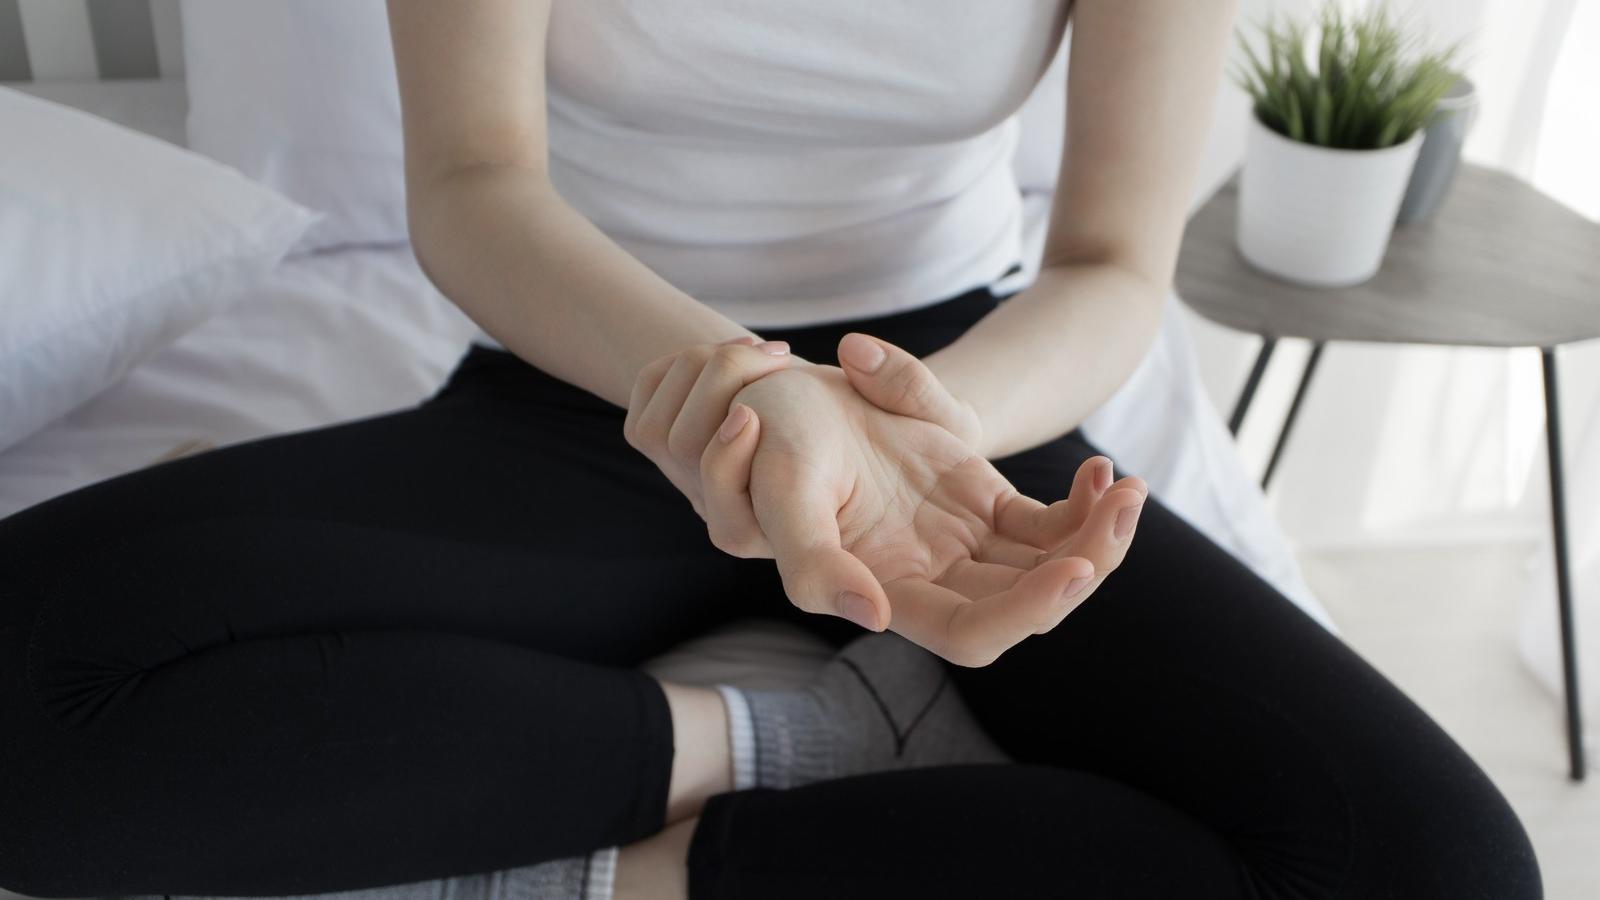 hogyan lehet kezelni a térd artritisz milyen kenőcsök akut váll fájdalom izomízületek